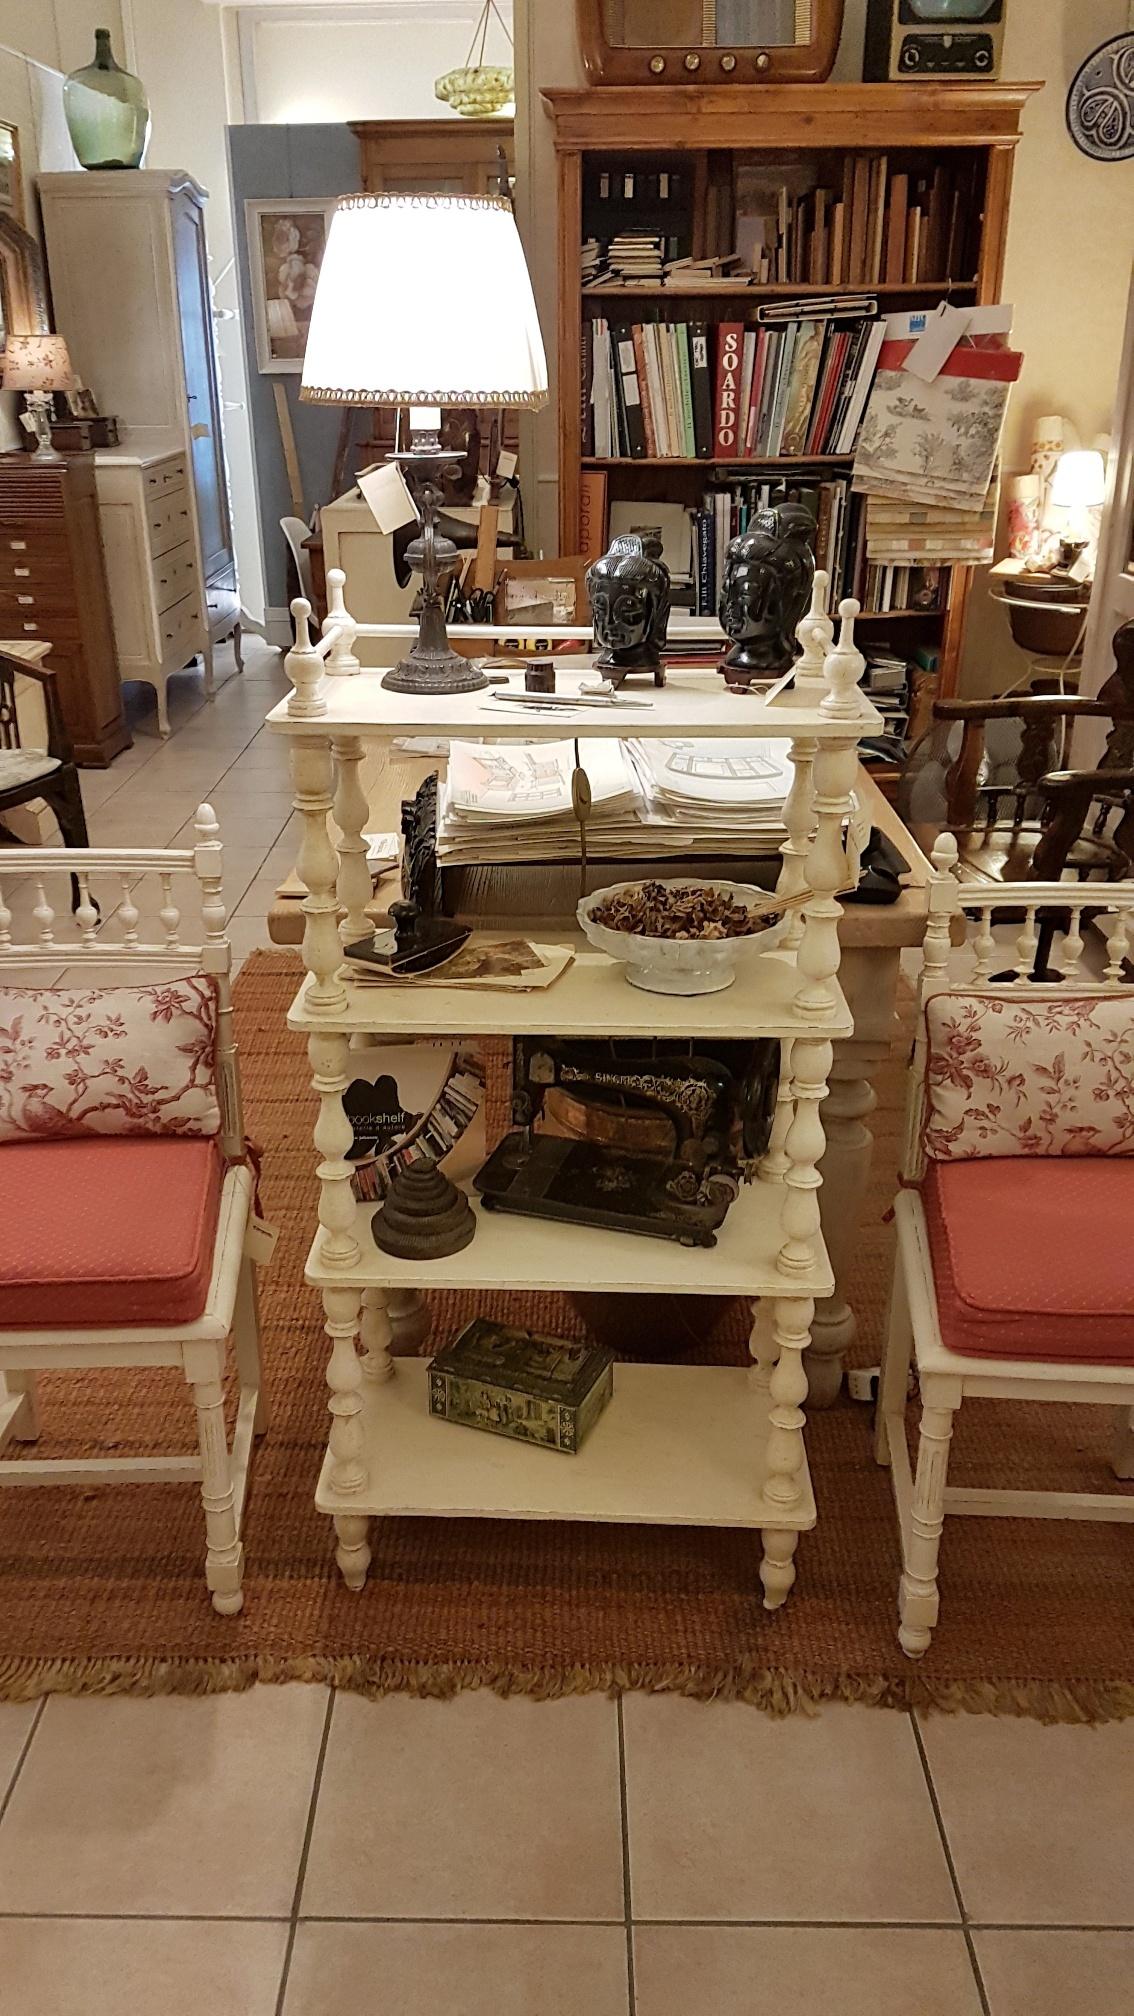 Arredamento mobili country su misura siena u firenze arredamento in stile with mobili stile inglese - Mobili stile inglese bianco ...